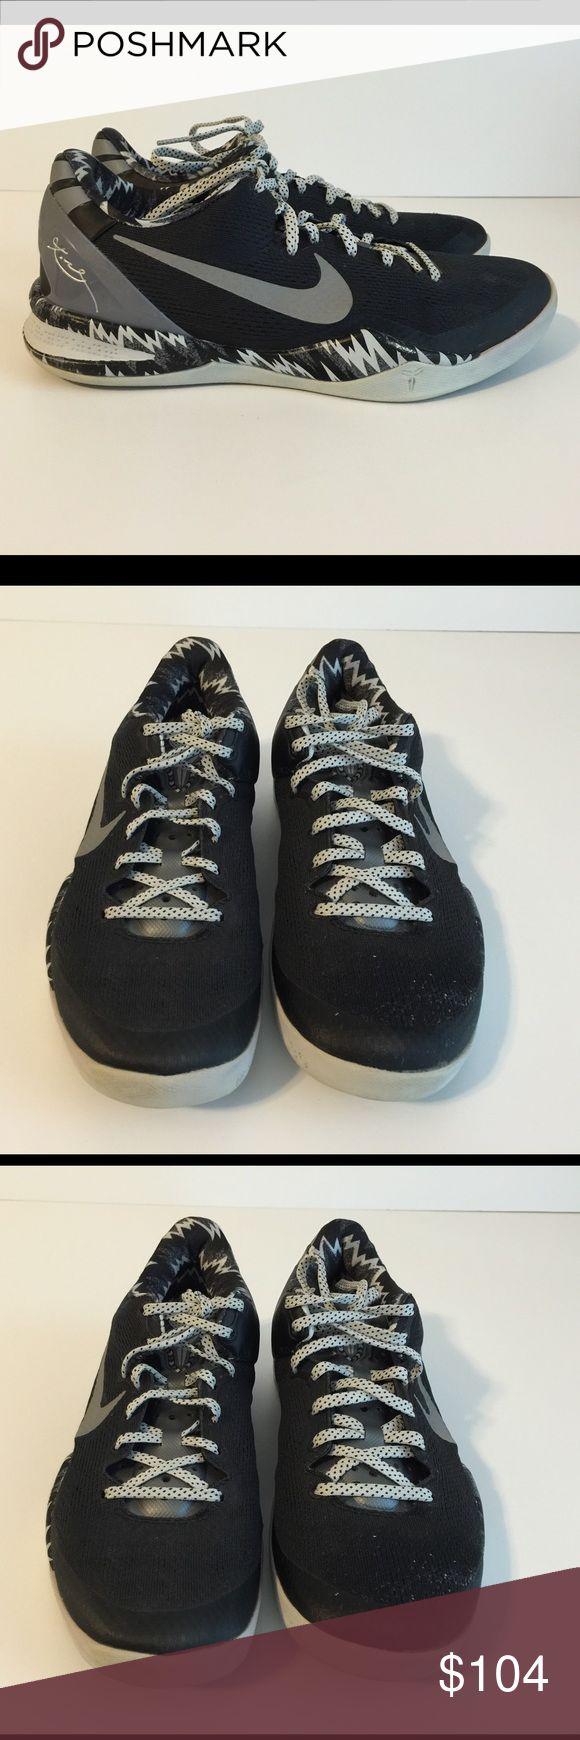 Cheap Nike Kobe 8 PP Black White Silver 613959 001